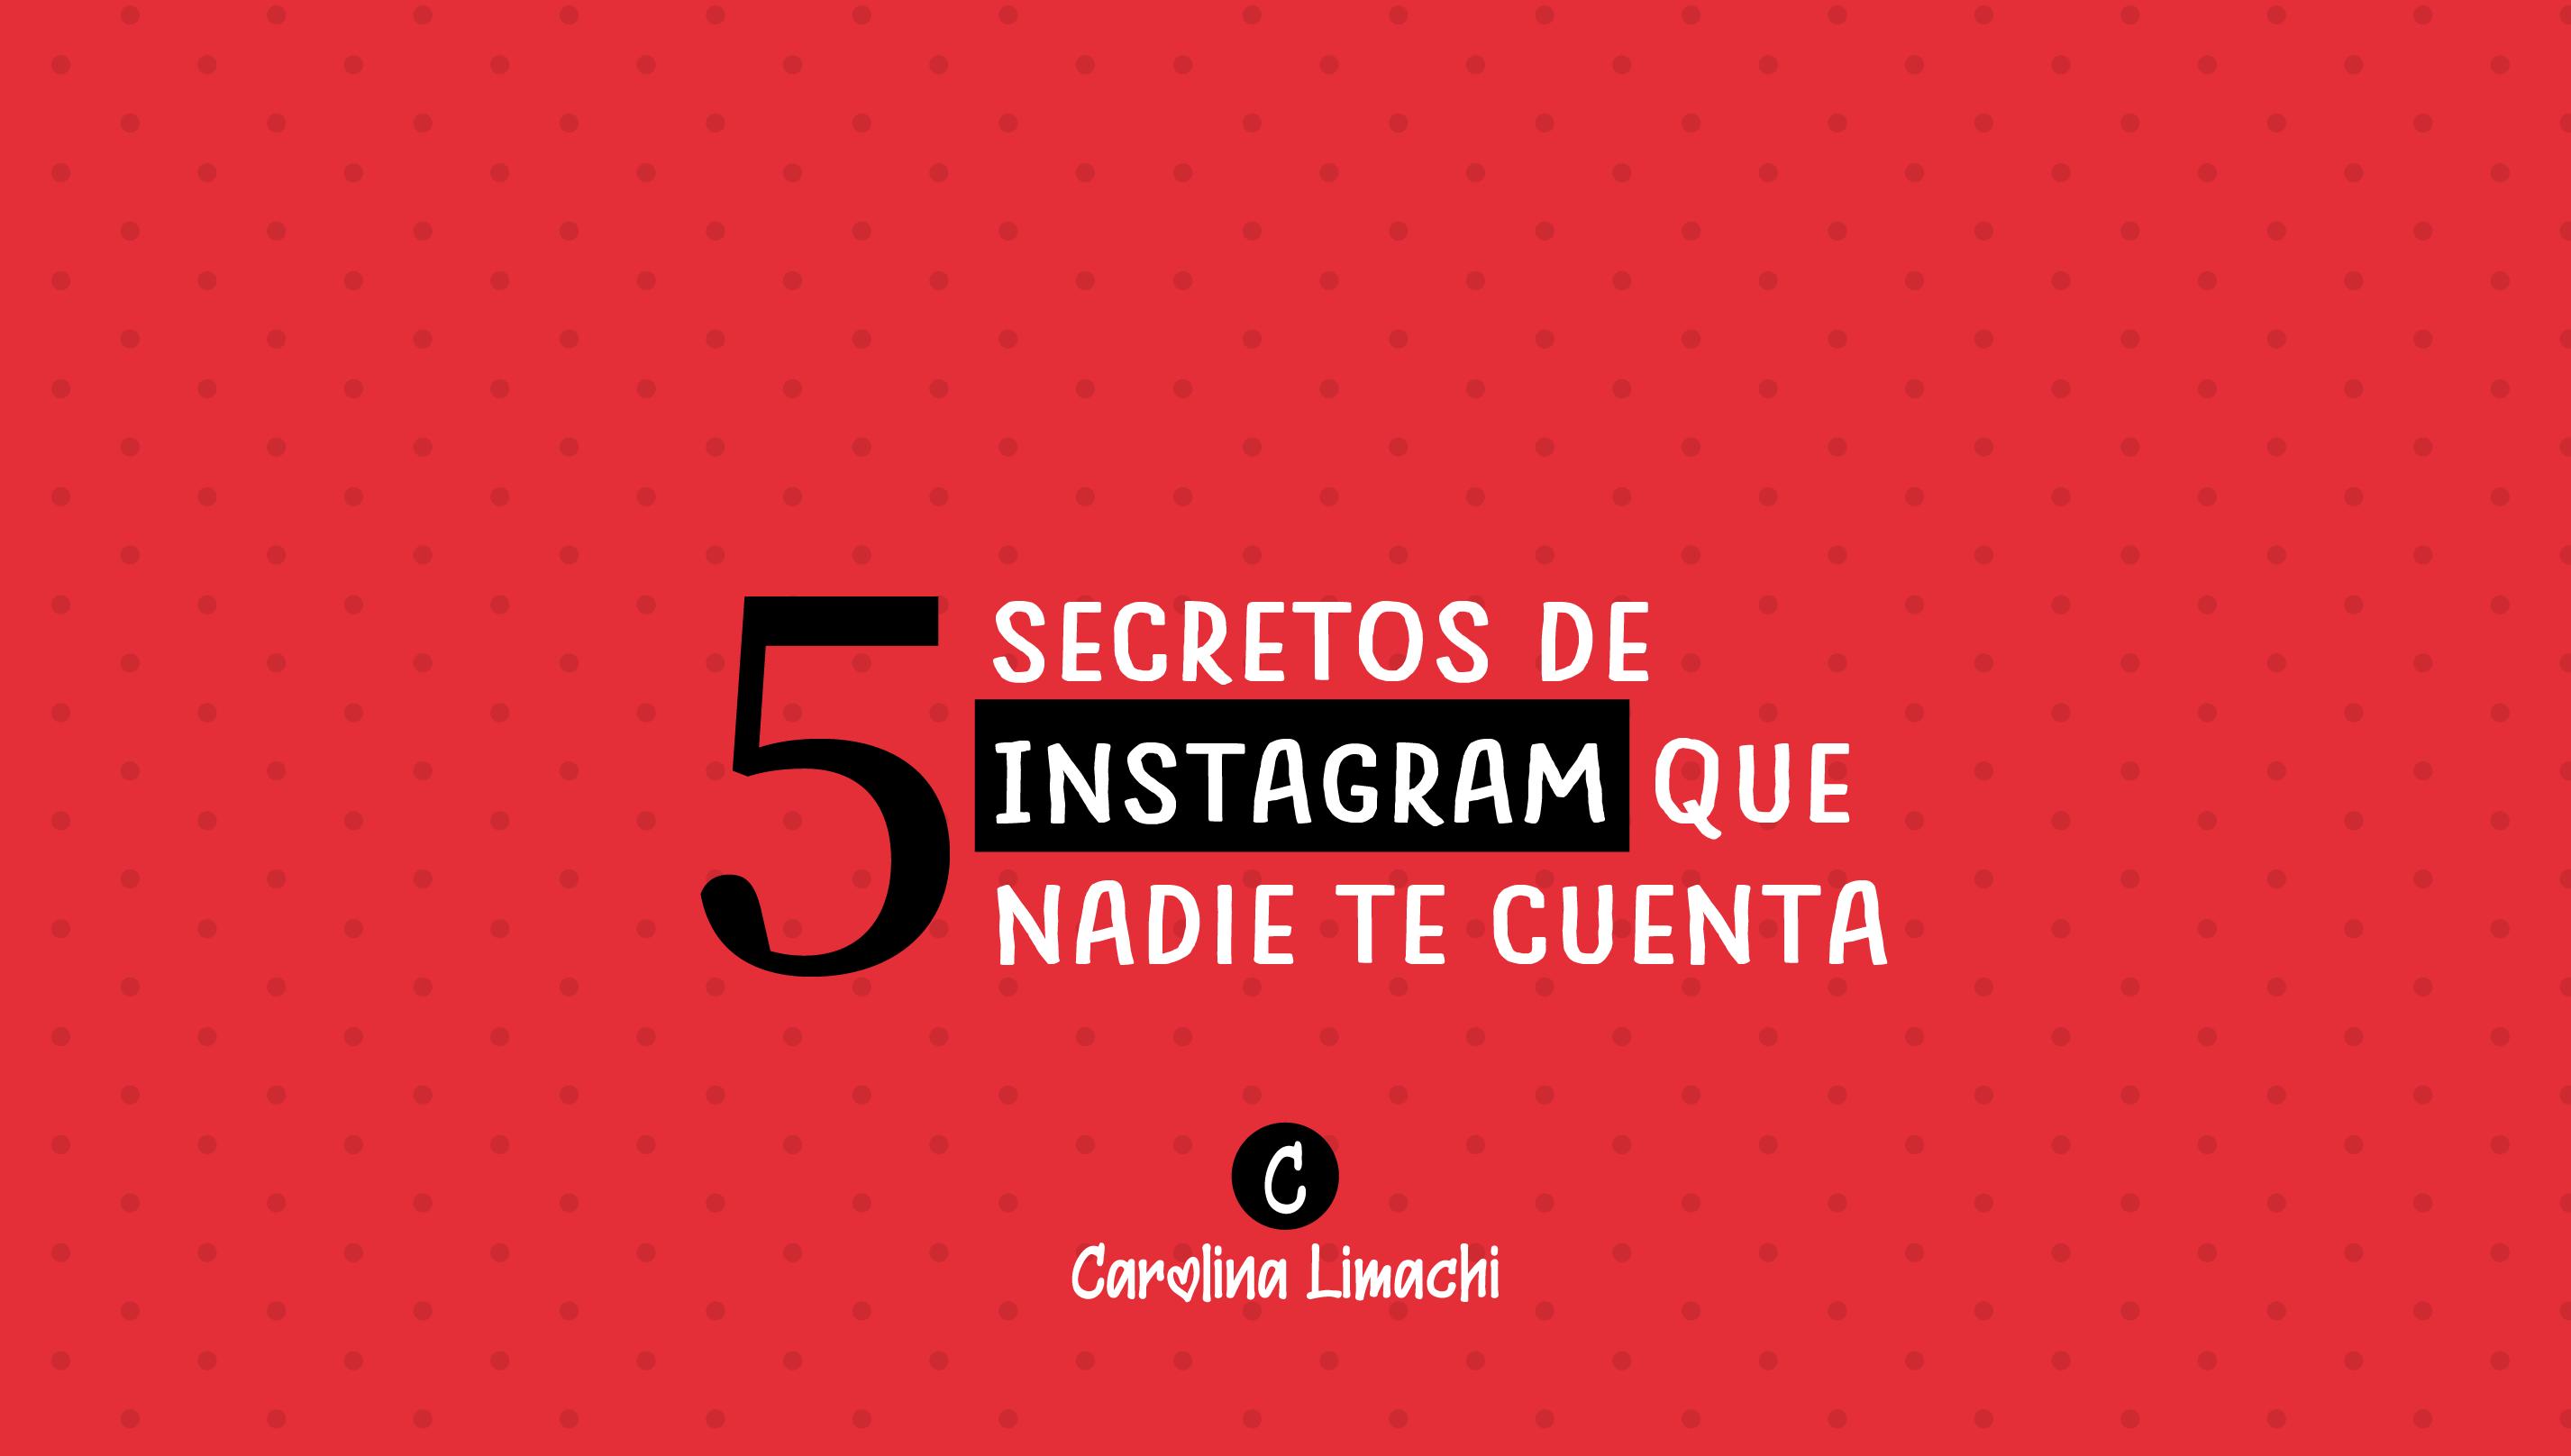 5-secretos-de-instagram-carolina-limachi